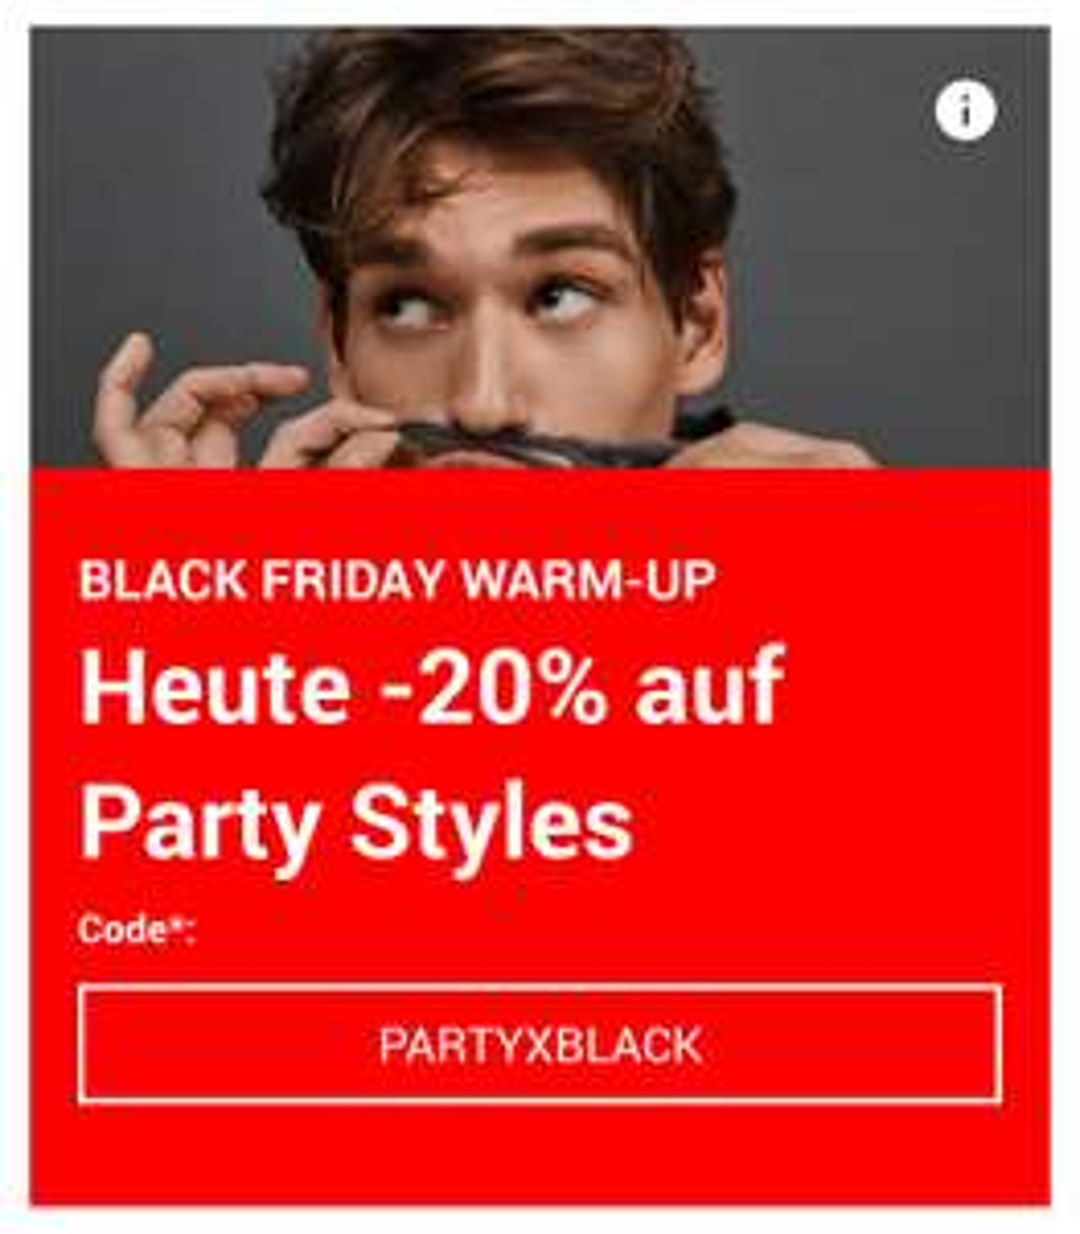 """20% auf """"Party-Styles"""" bei Zalando (auch Fossil-Uhren, Adidas-Schuhe, Levis-Schuhe u.v.m)"""